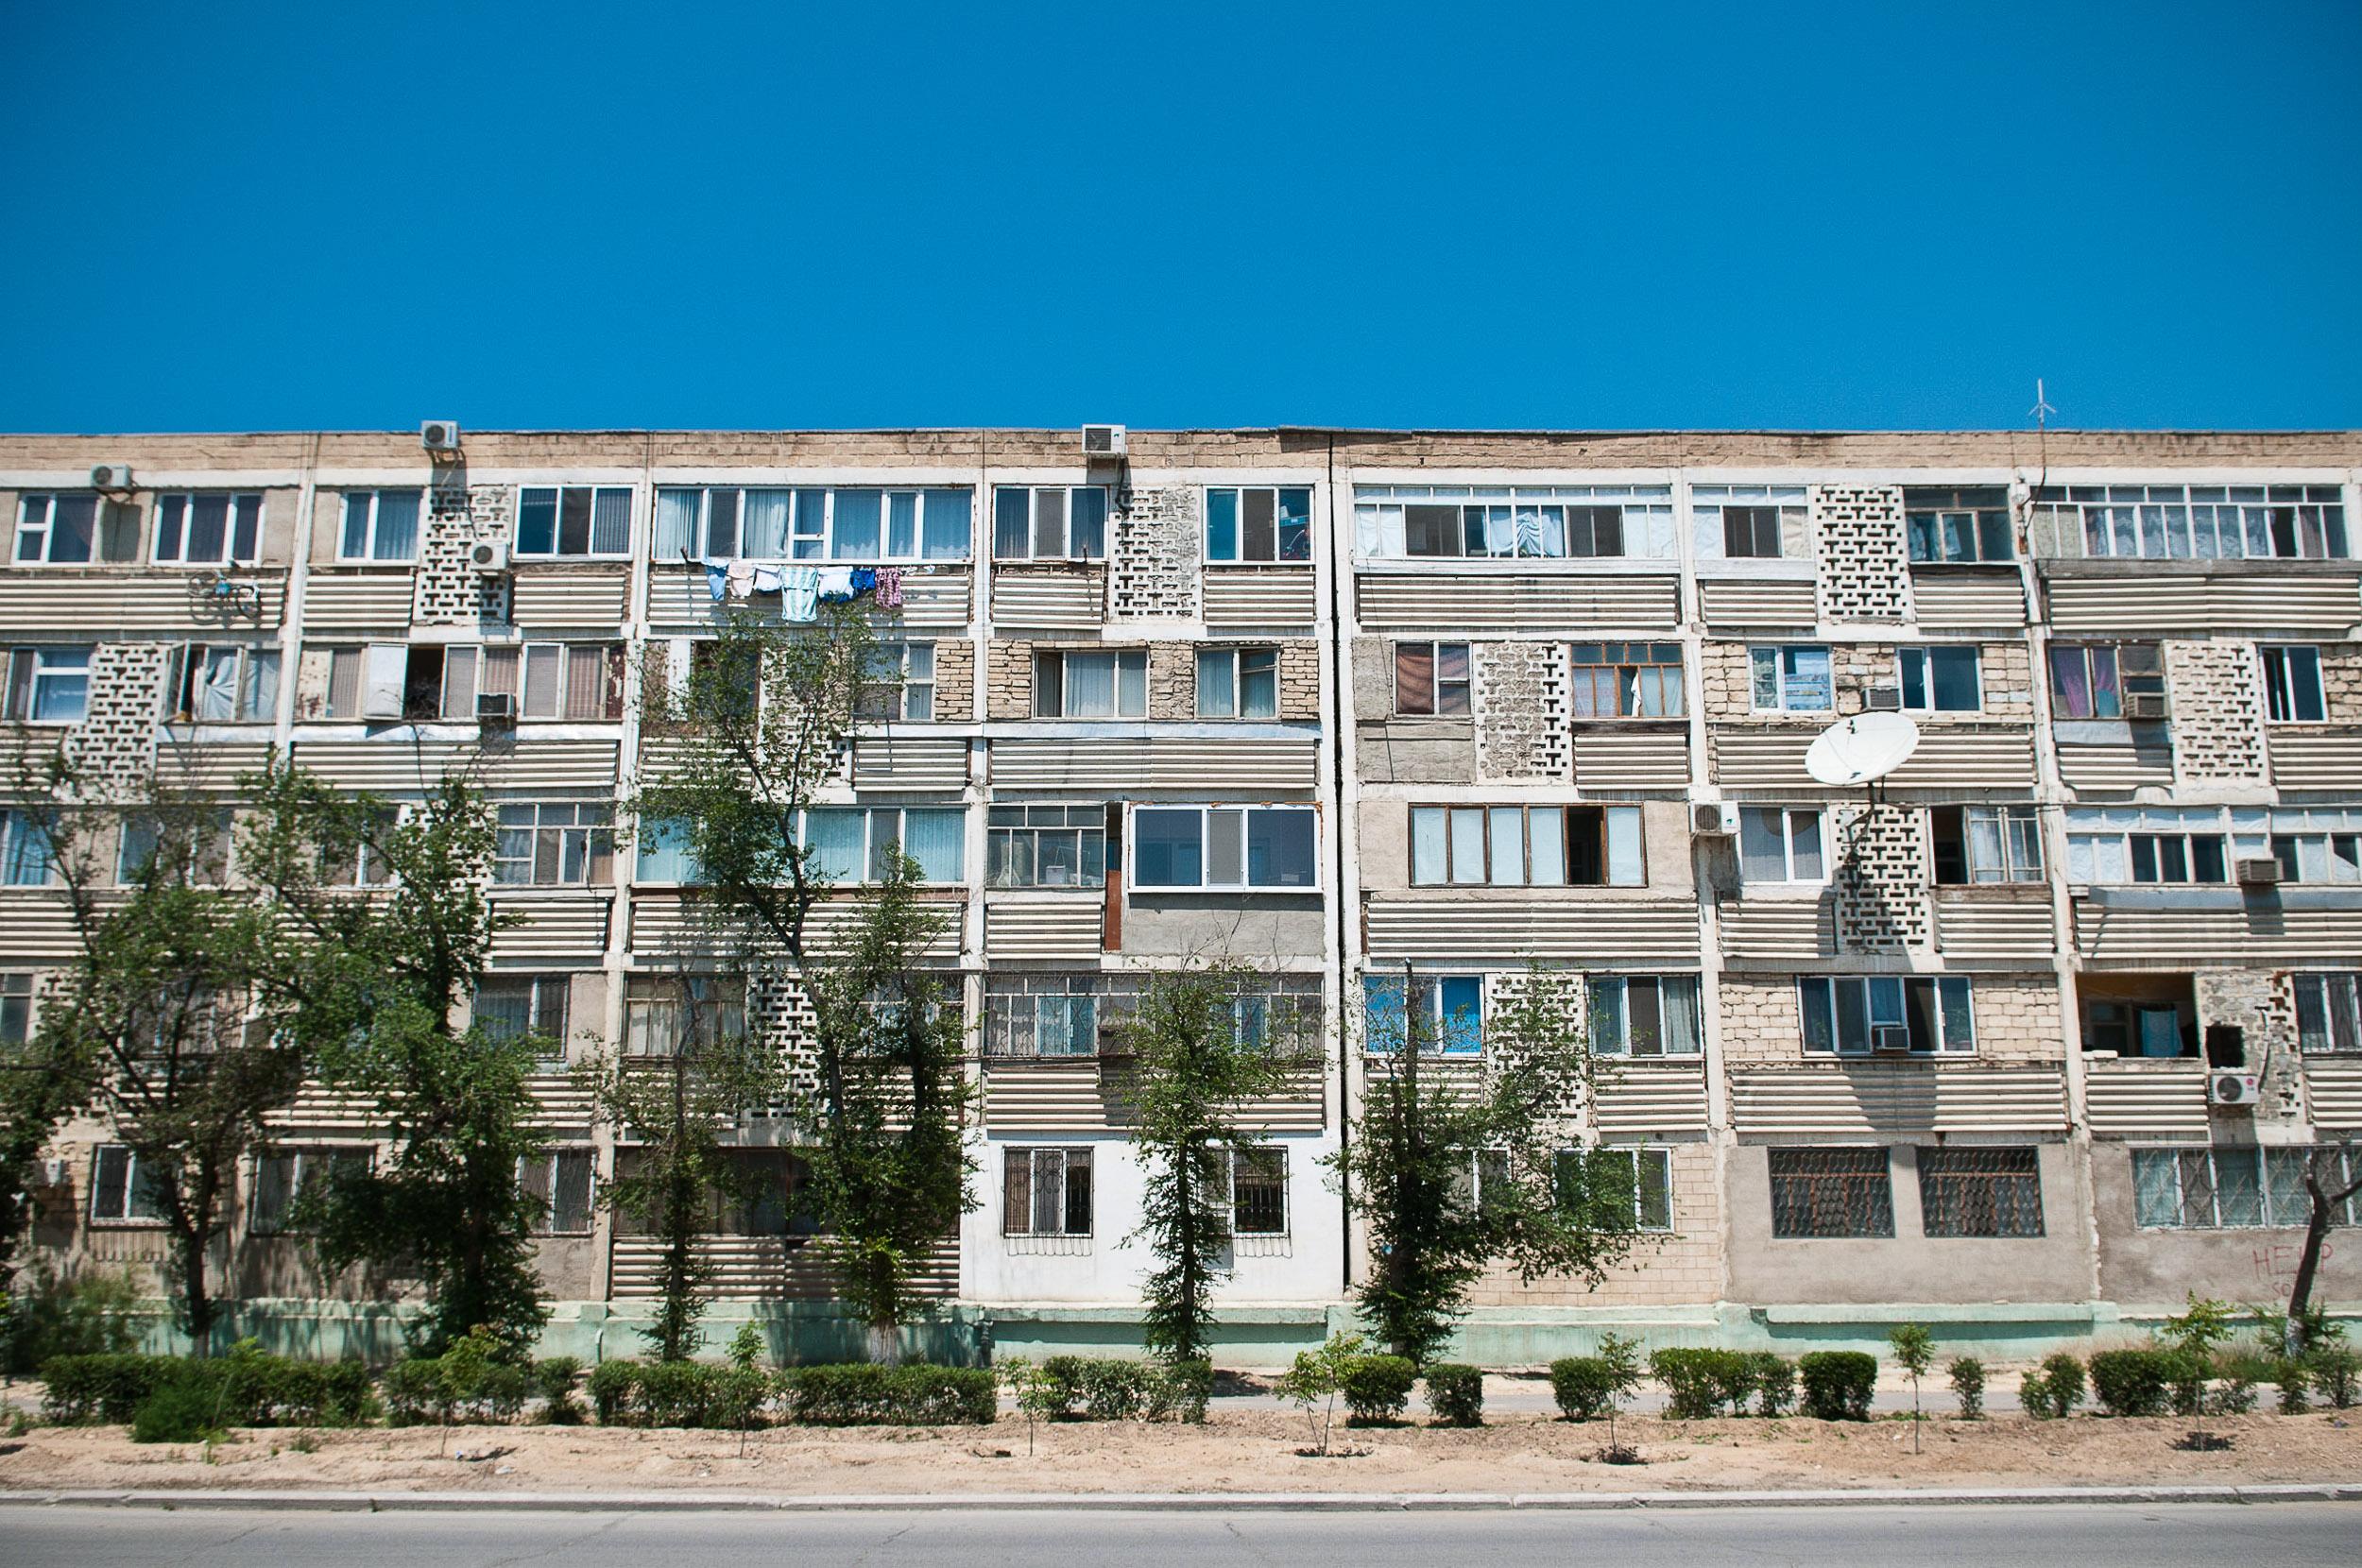 Apartments, Aktau, Kazakhstan.